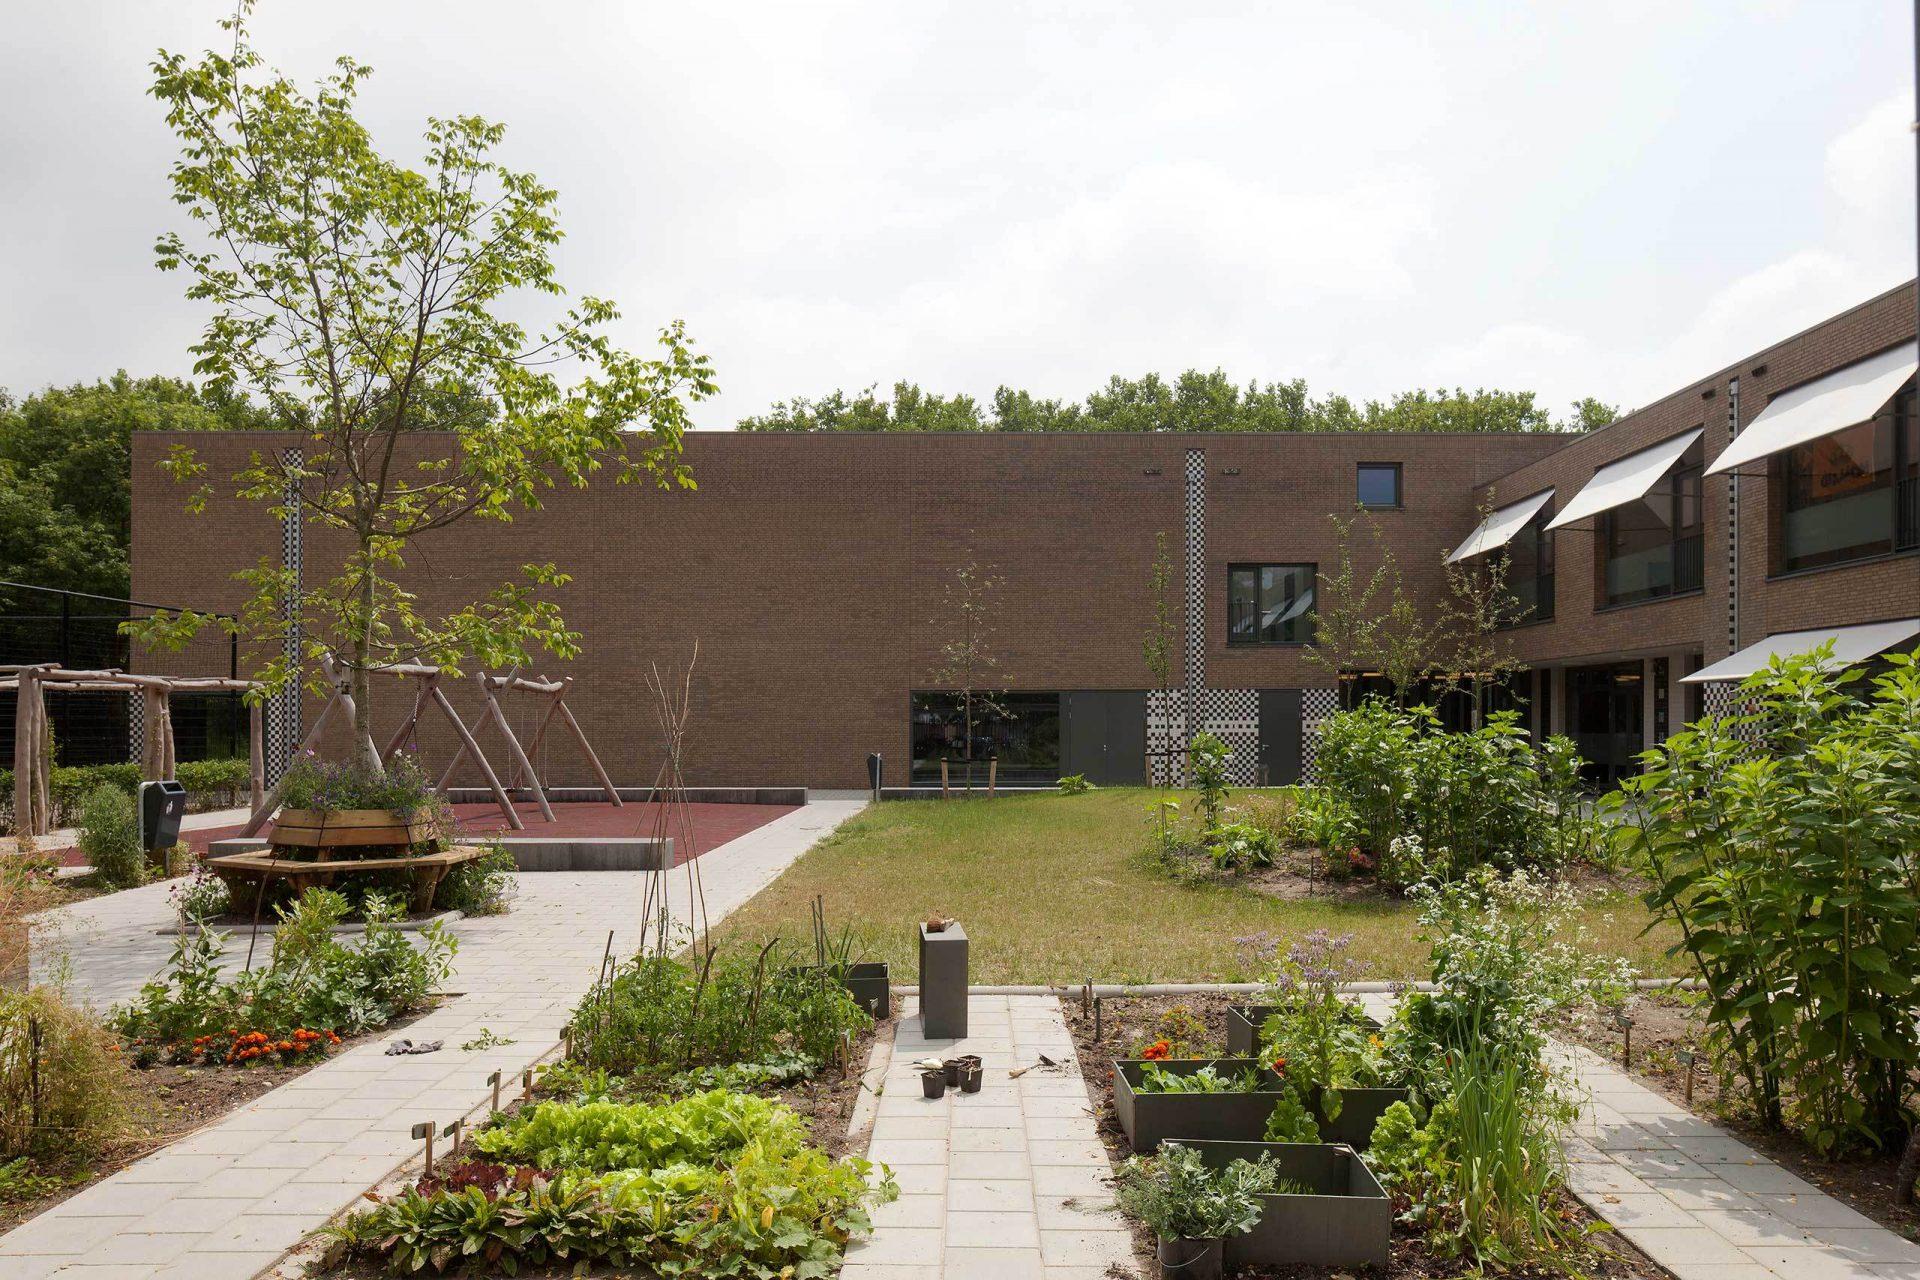 Aj Schreuderschool Garden 3